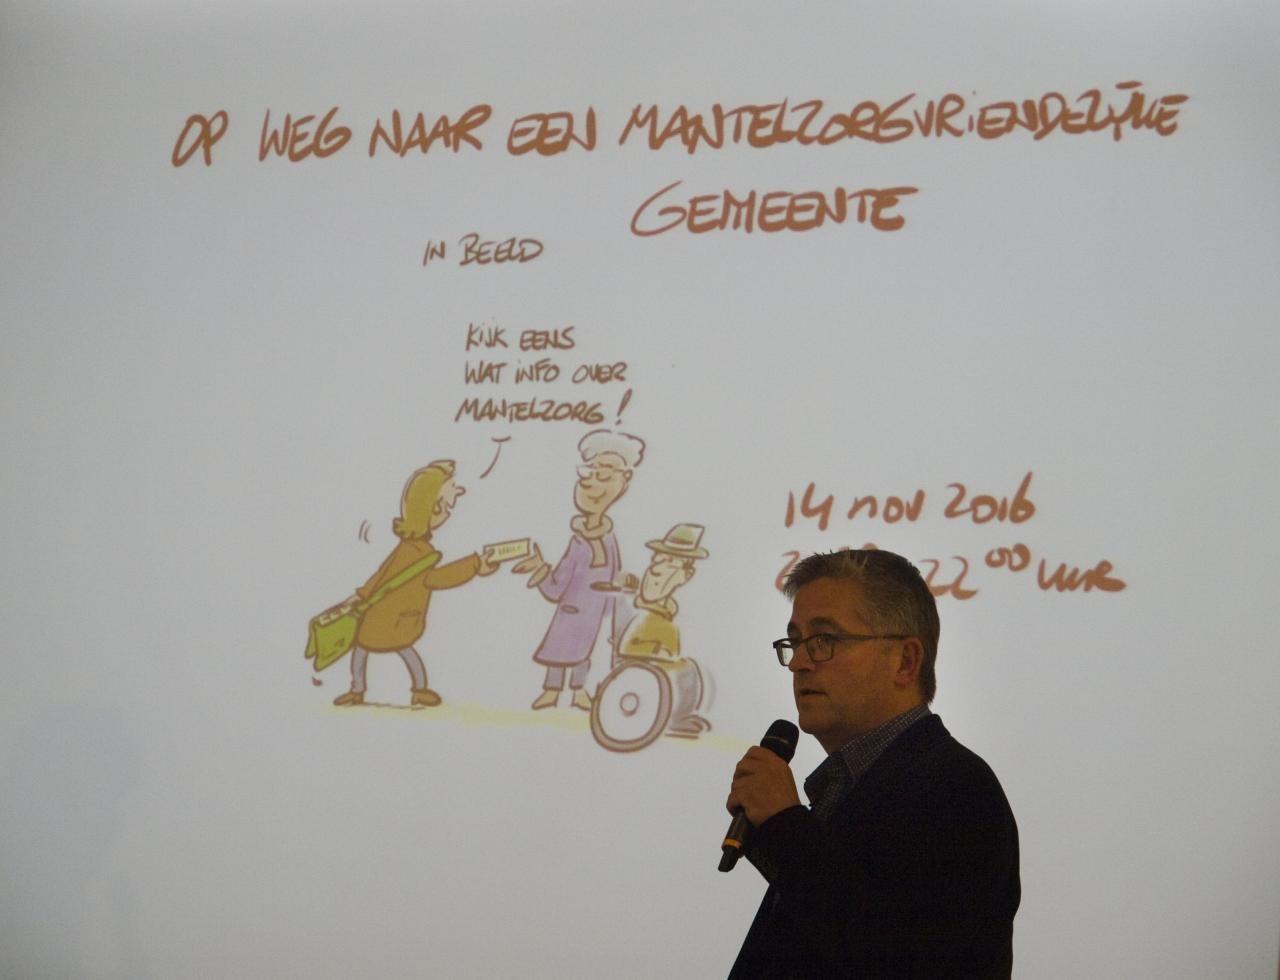 Cartoonist Kurf bracht het probleem treffend in beeld.